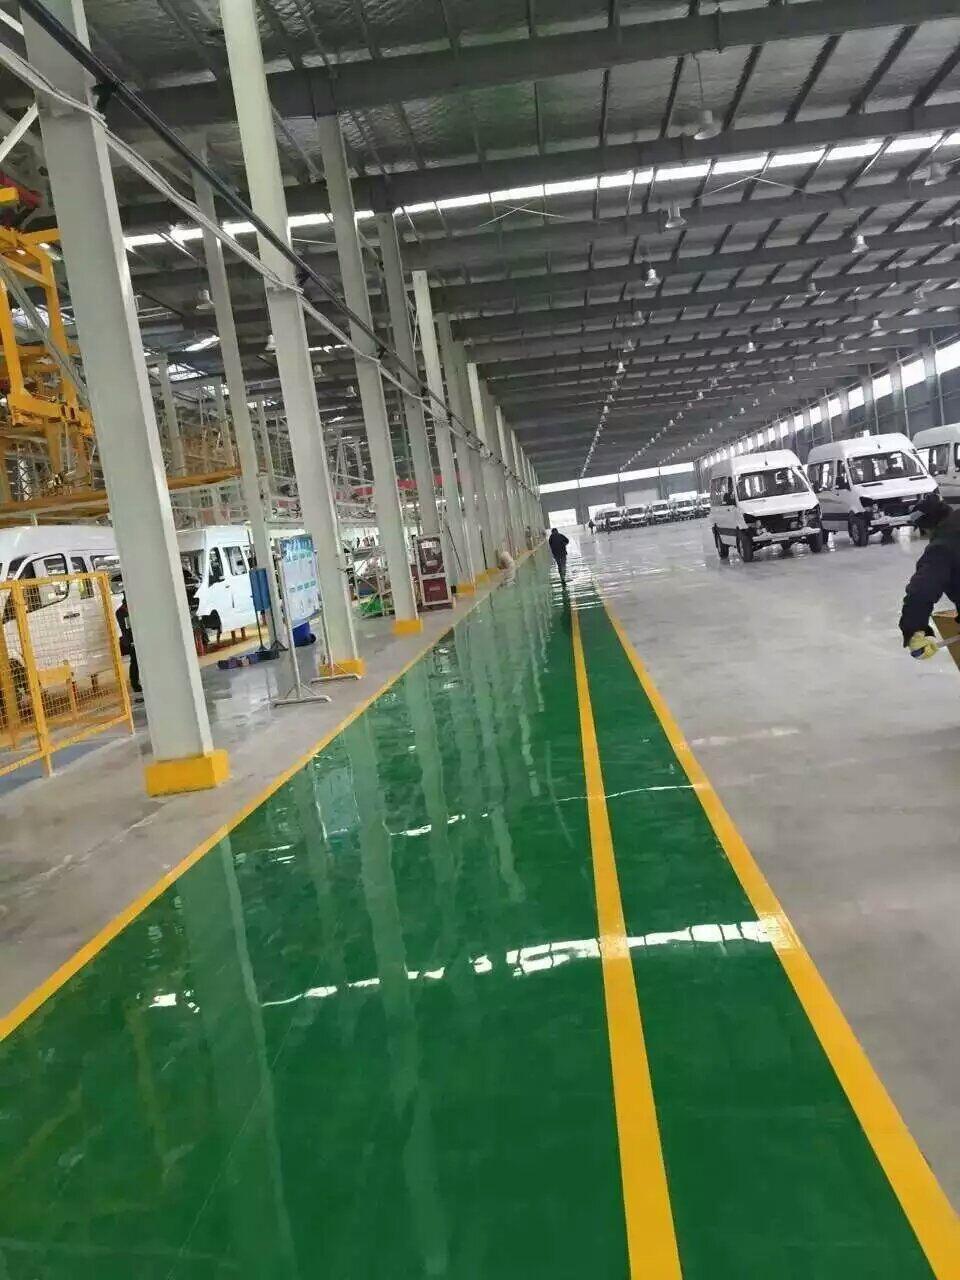 防水防火防霉耐高温 氟碳漆 S51001C价格 - 中国供应商